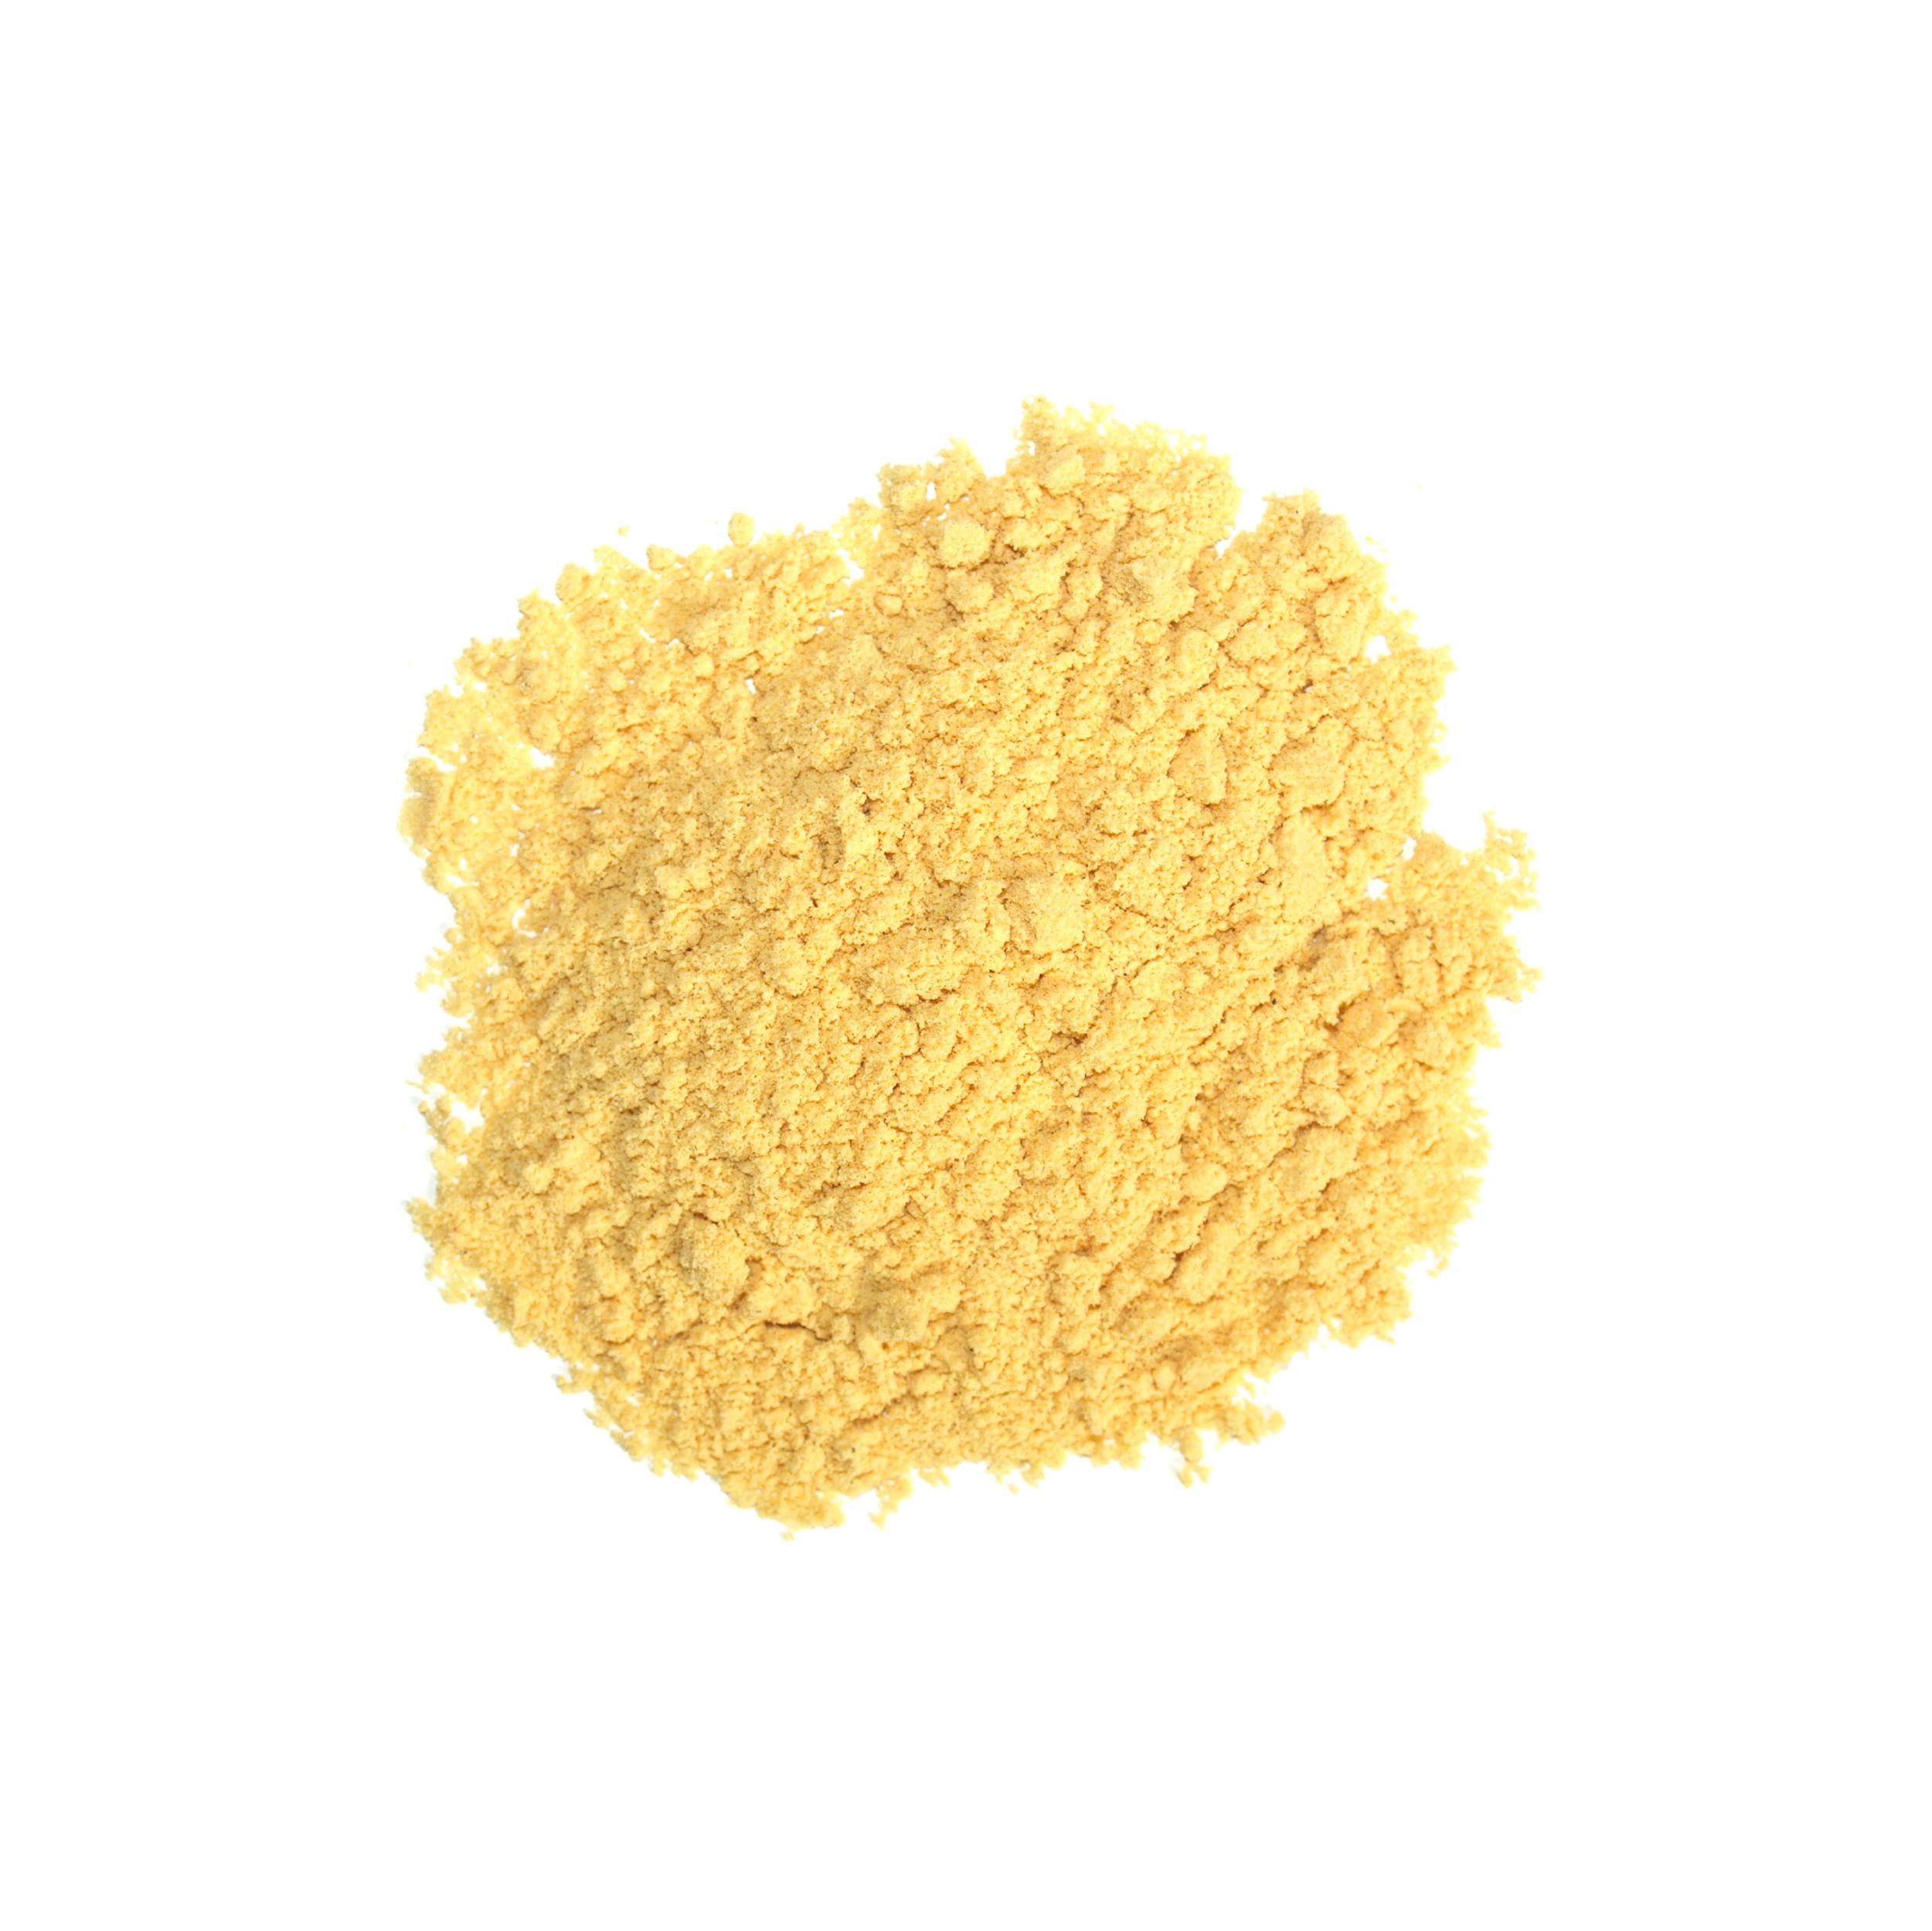 OPDHA Powder